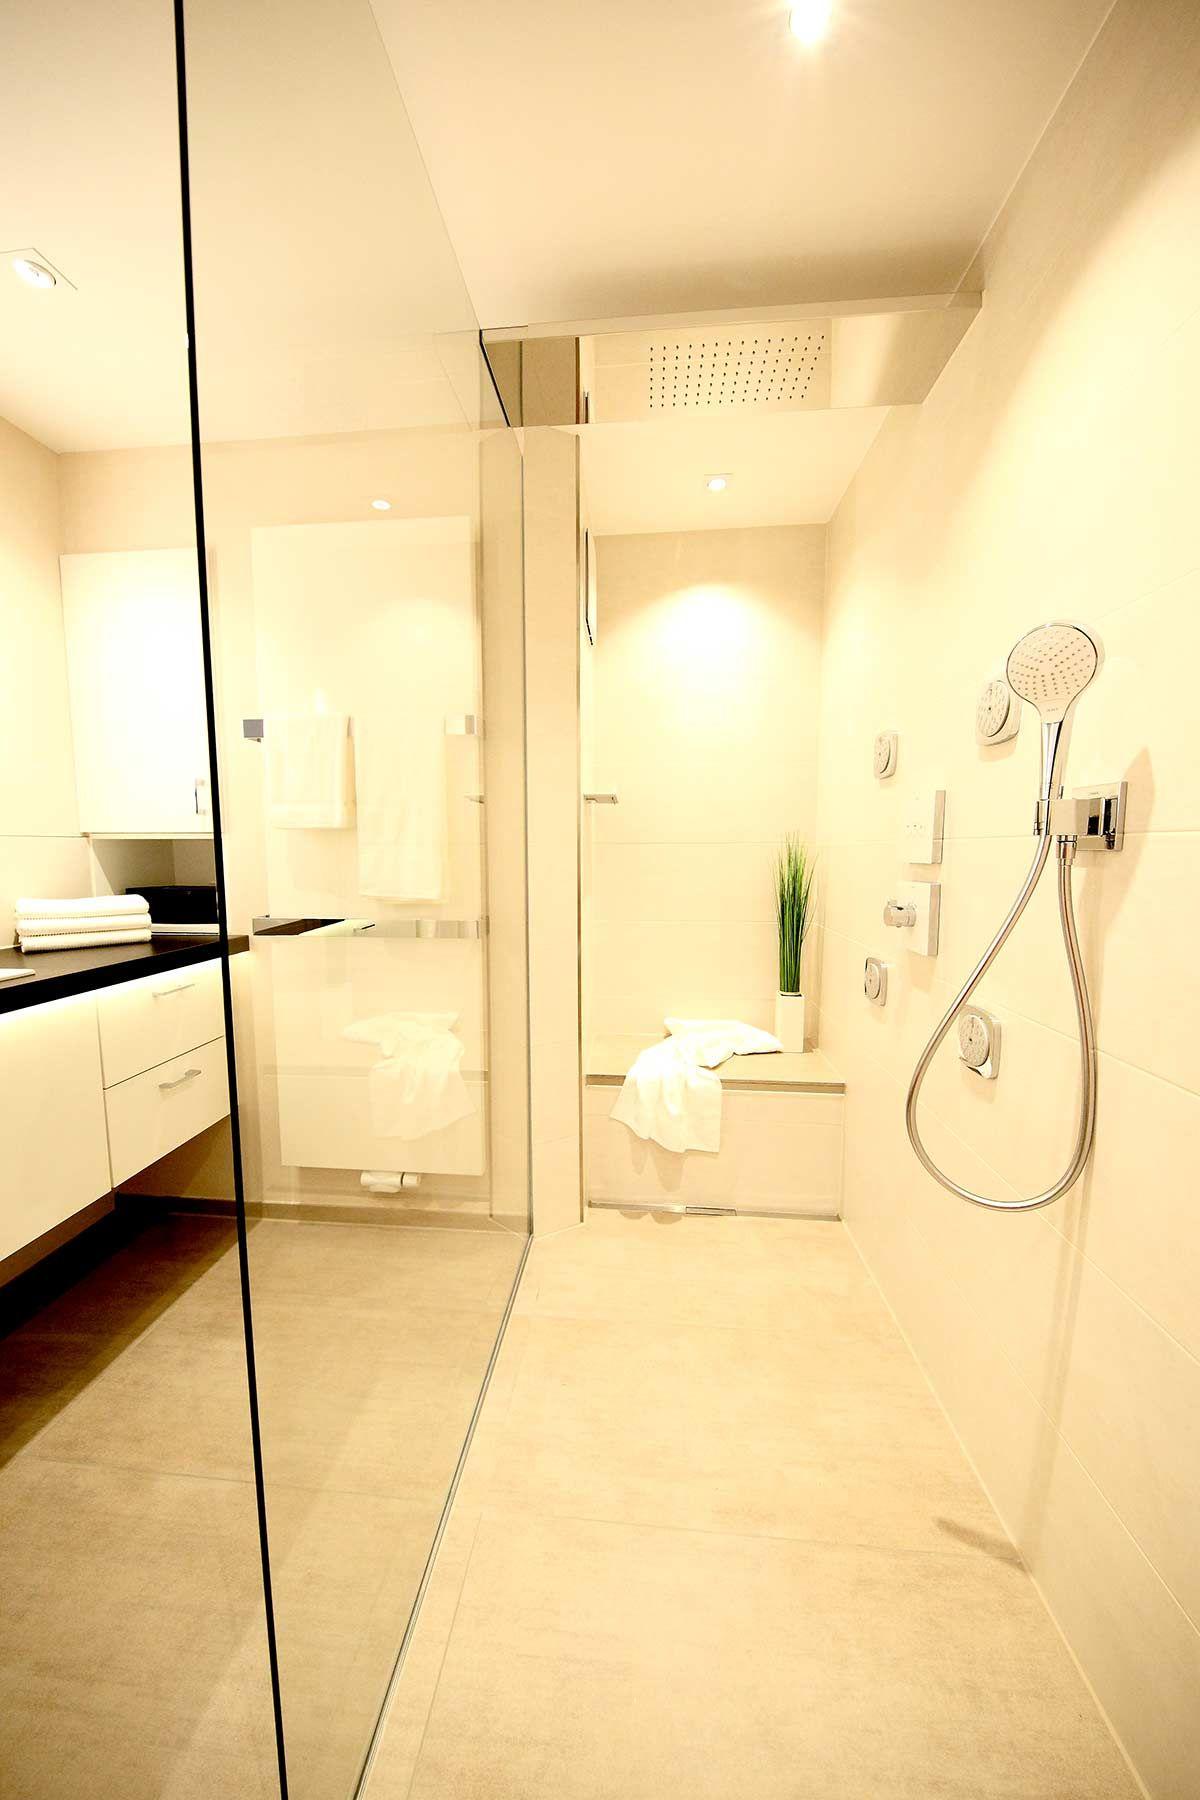 Cool Dusche Mit Sitzbank Foto Von Walk-in-dusche Sitzbank, Glastrennwand, Regentraverse, Seiten- Und E